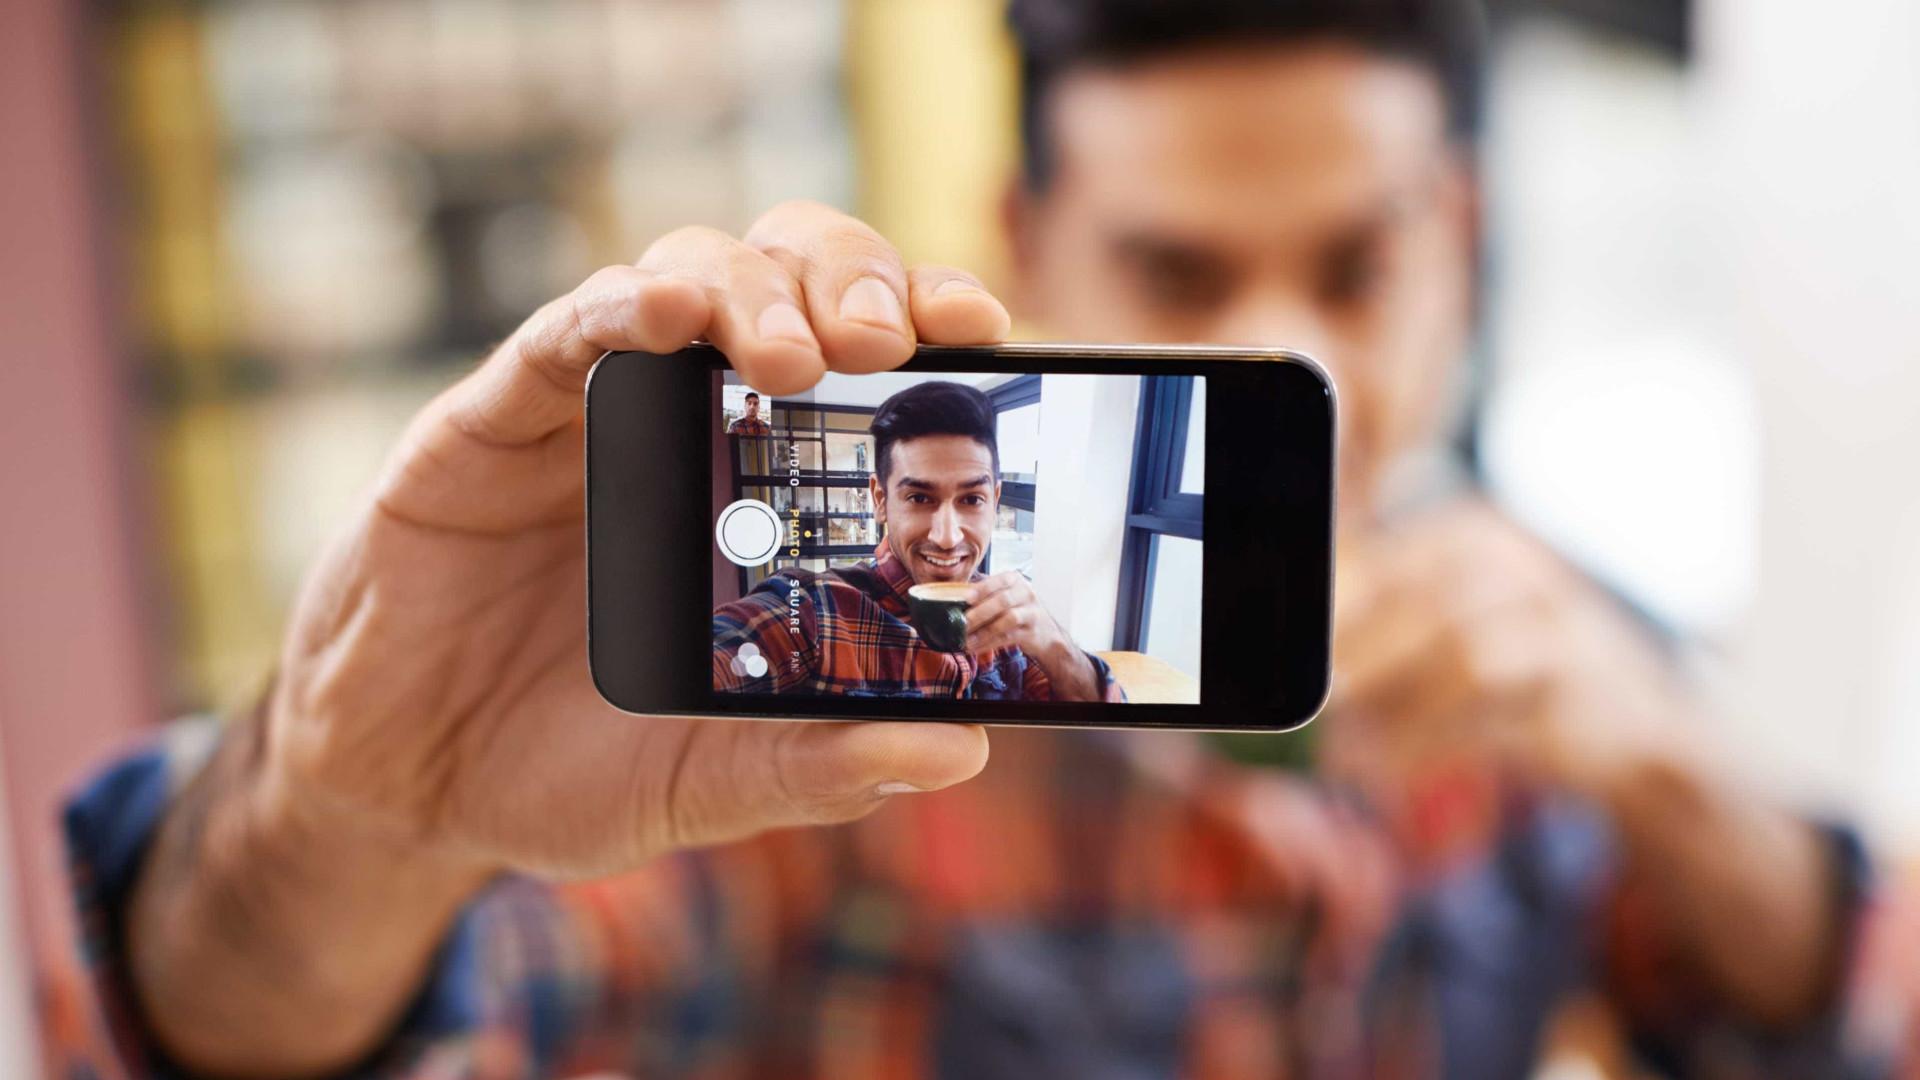 Selfitis: o transtorno mental causado pelo vício de selfies